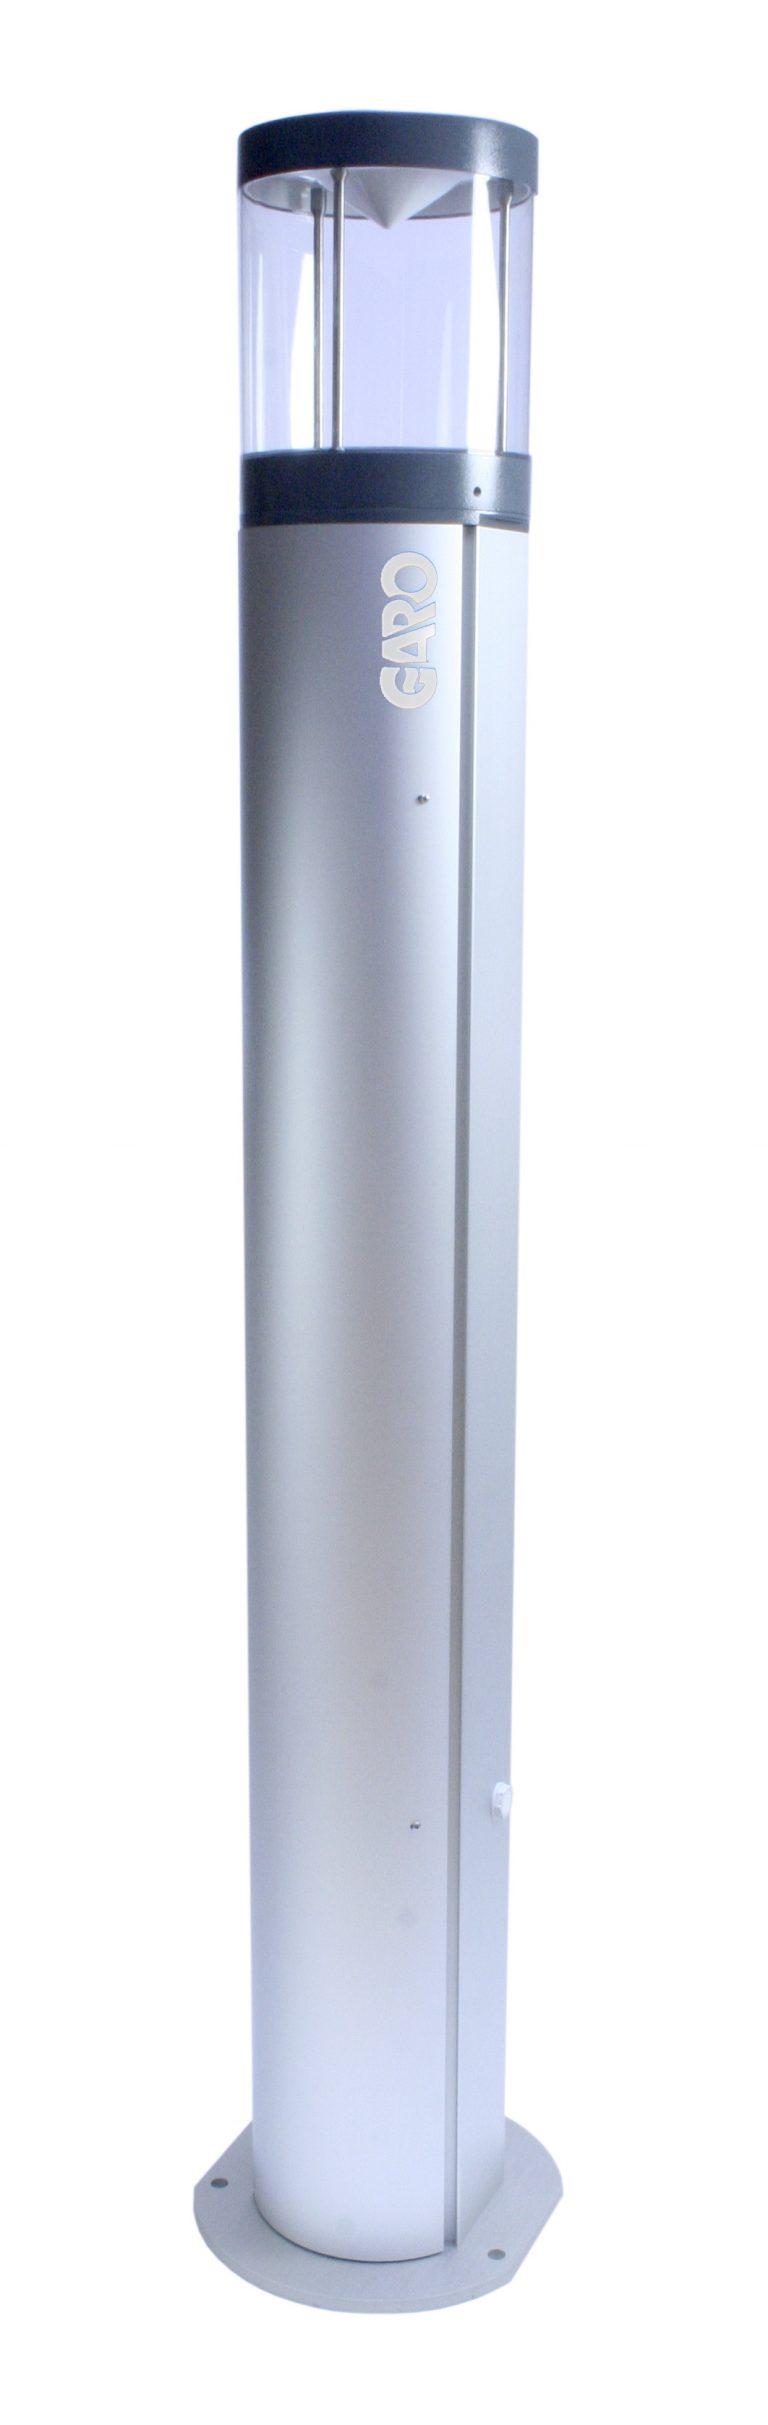 GMS-WL Belysningssøyle-0